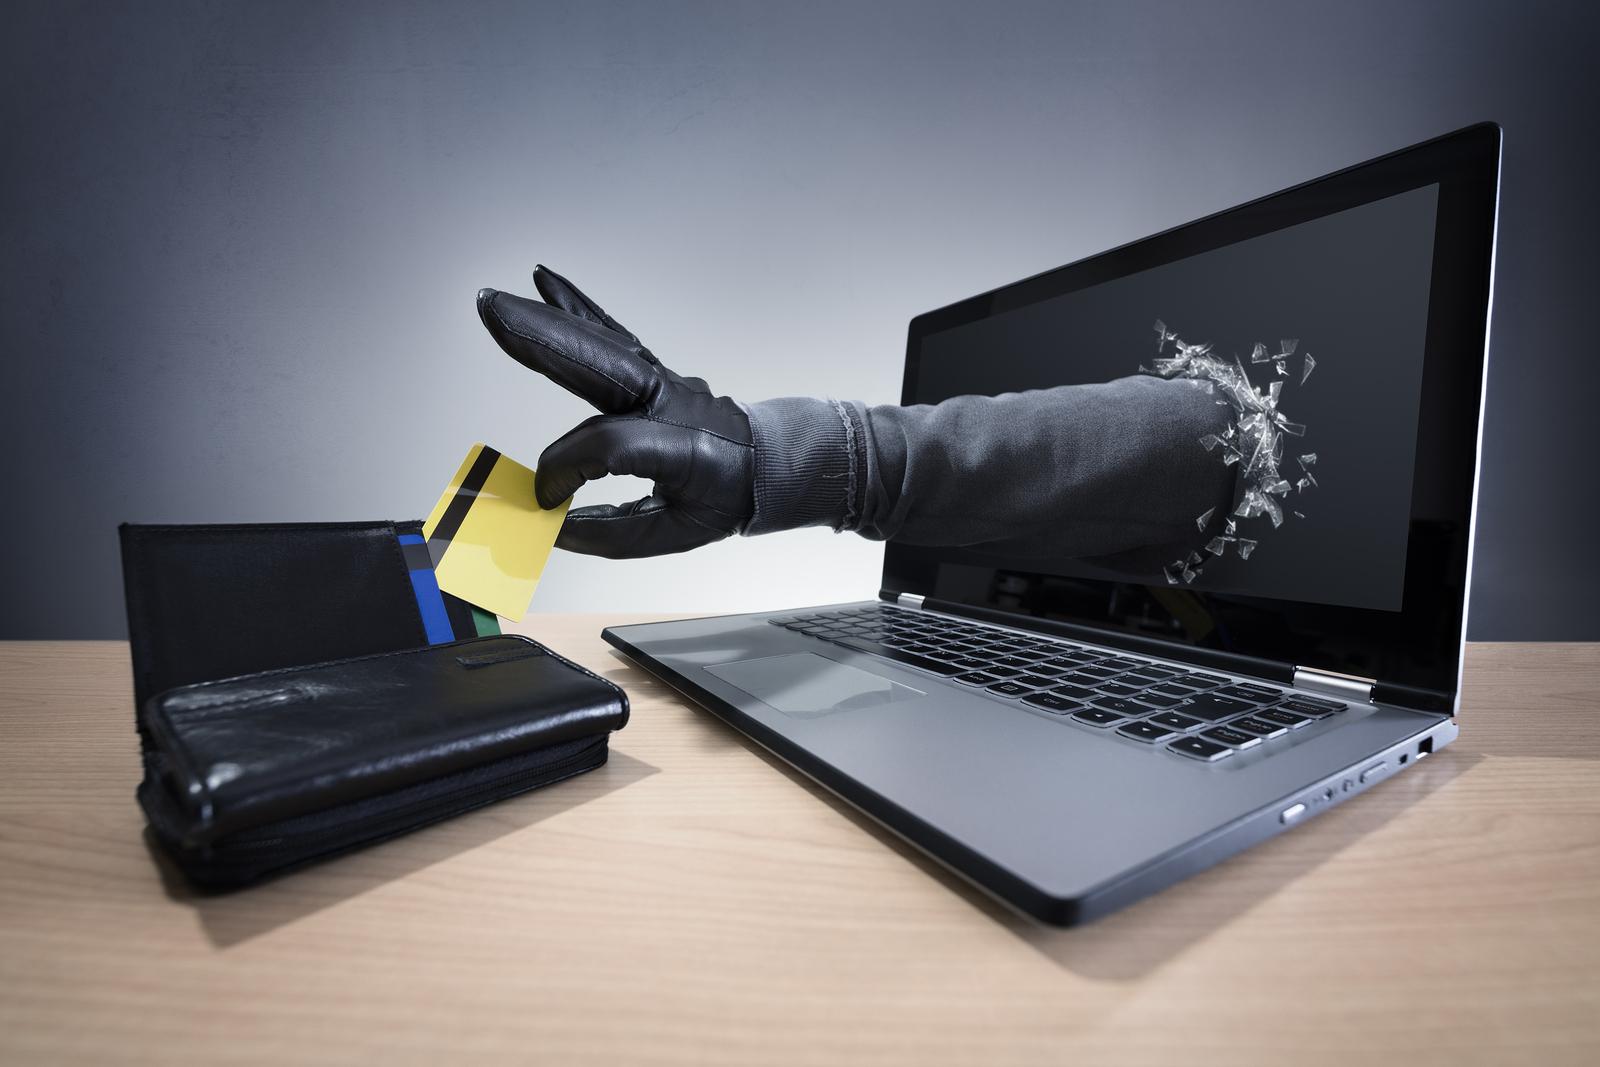 Cyber criminals adopt mob-style tactics